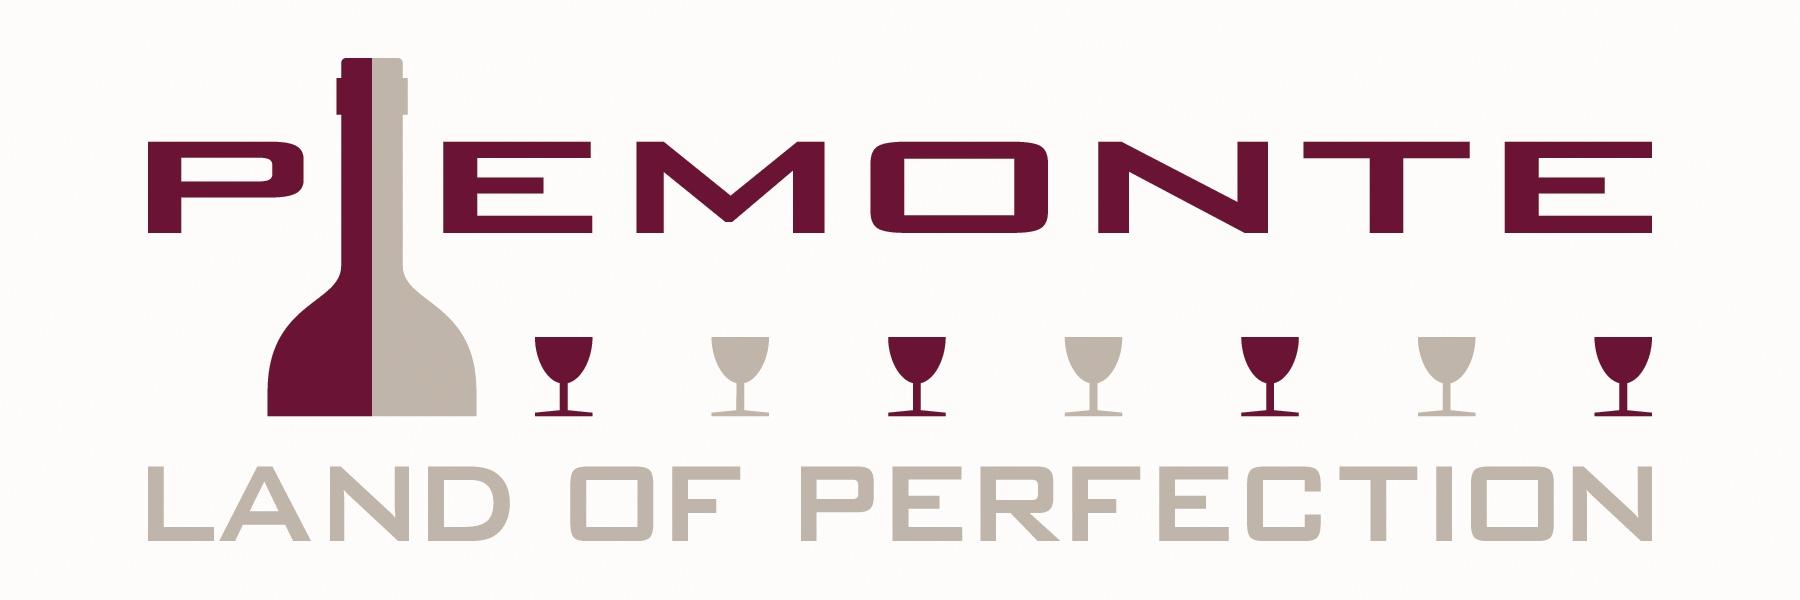 La squadra Piemonte vola alla conquista dei wine lovers cinesi